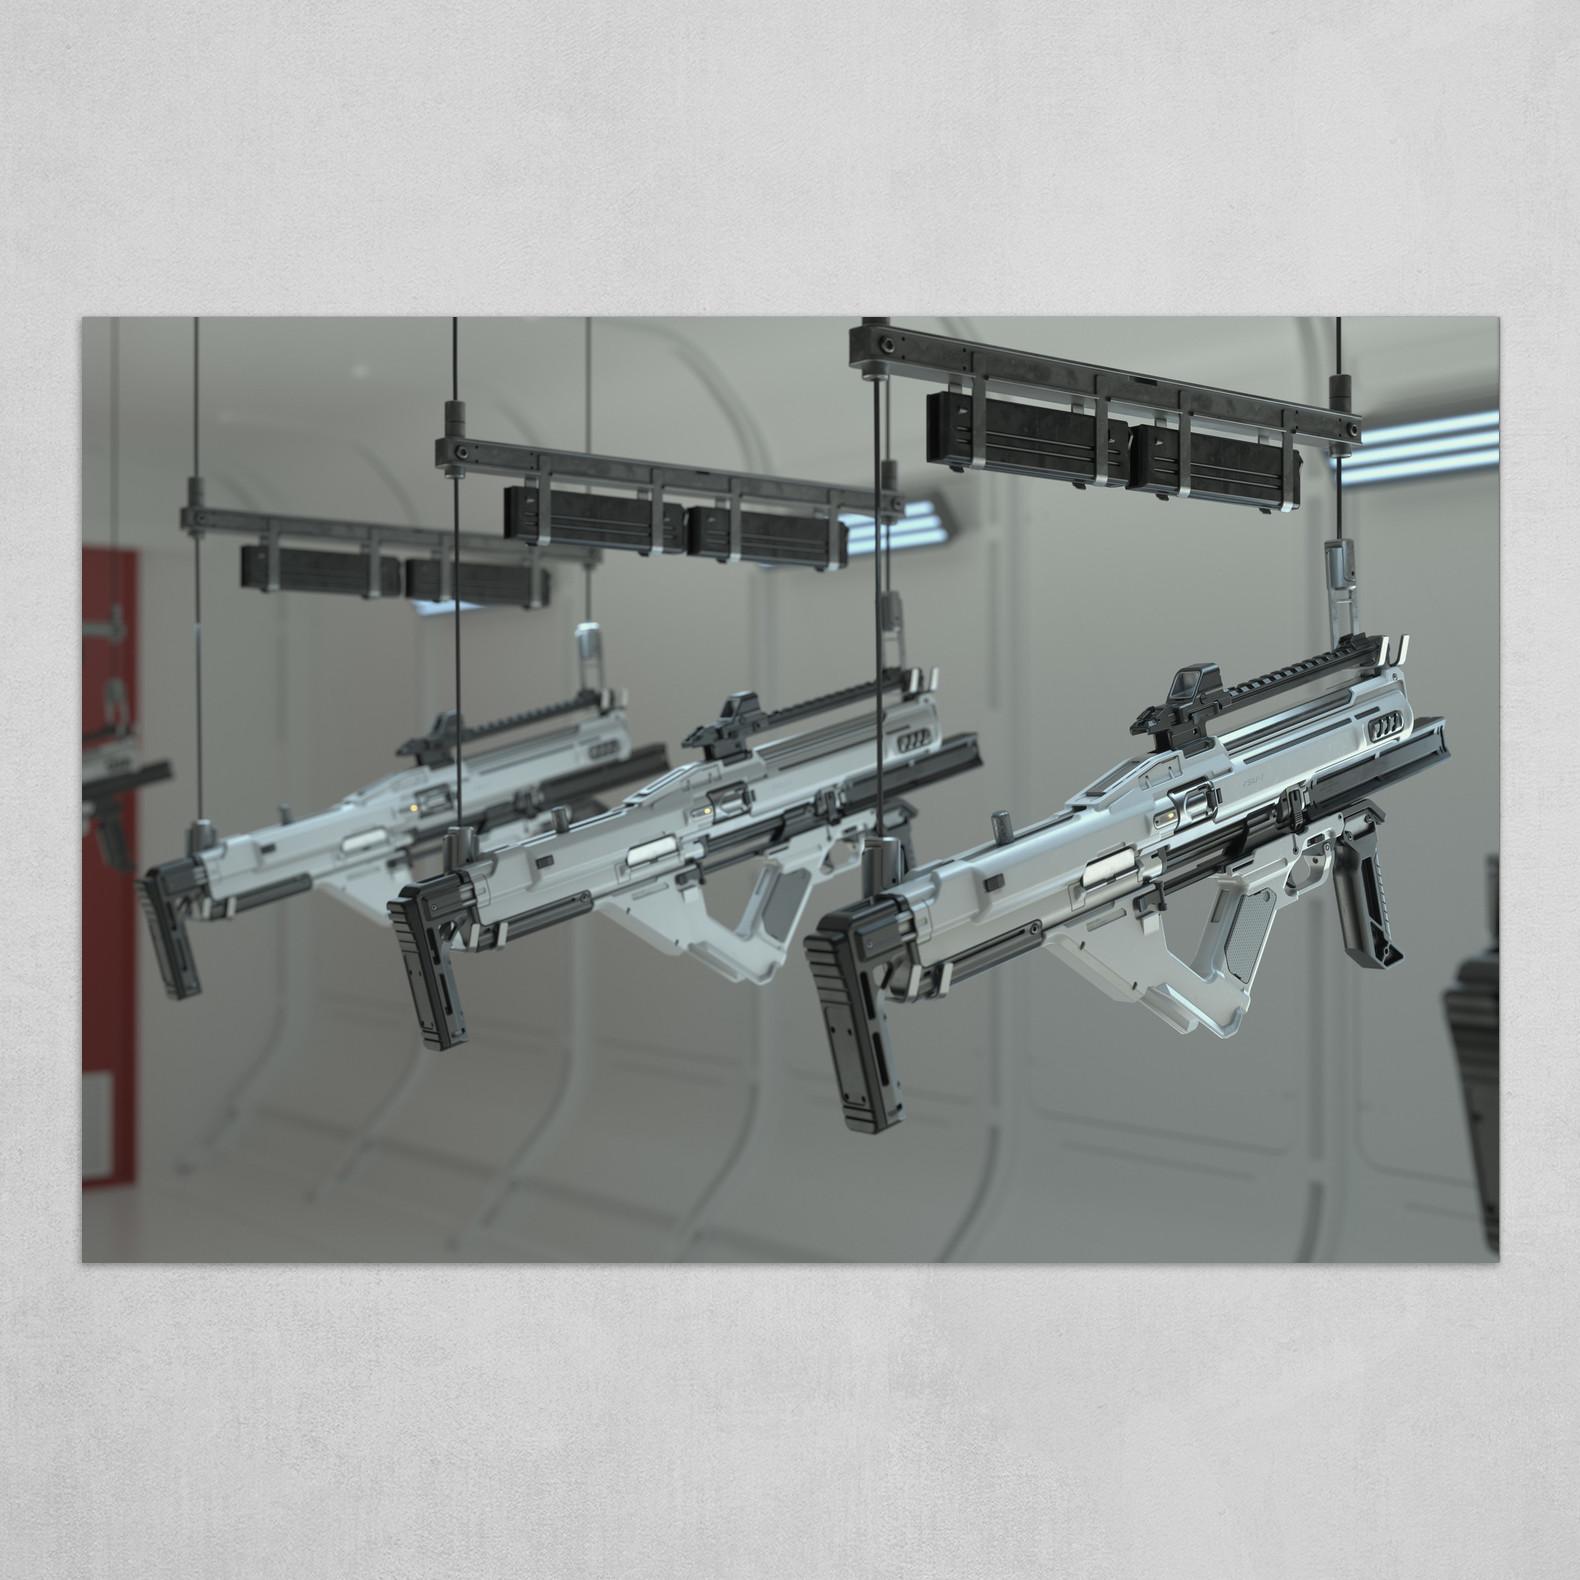 FSU-1